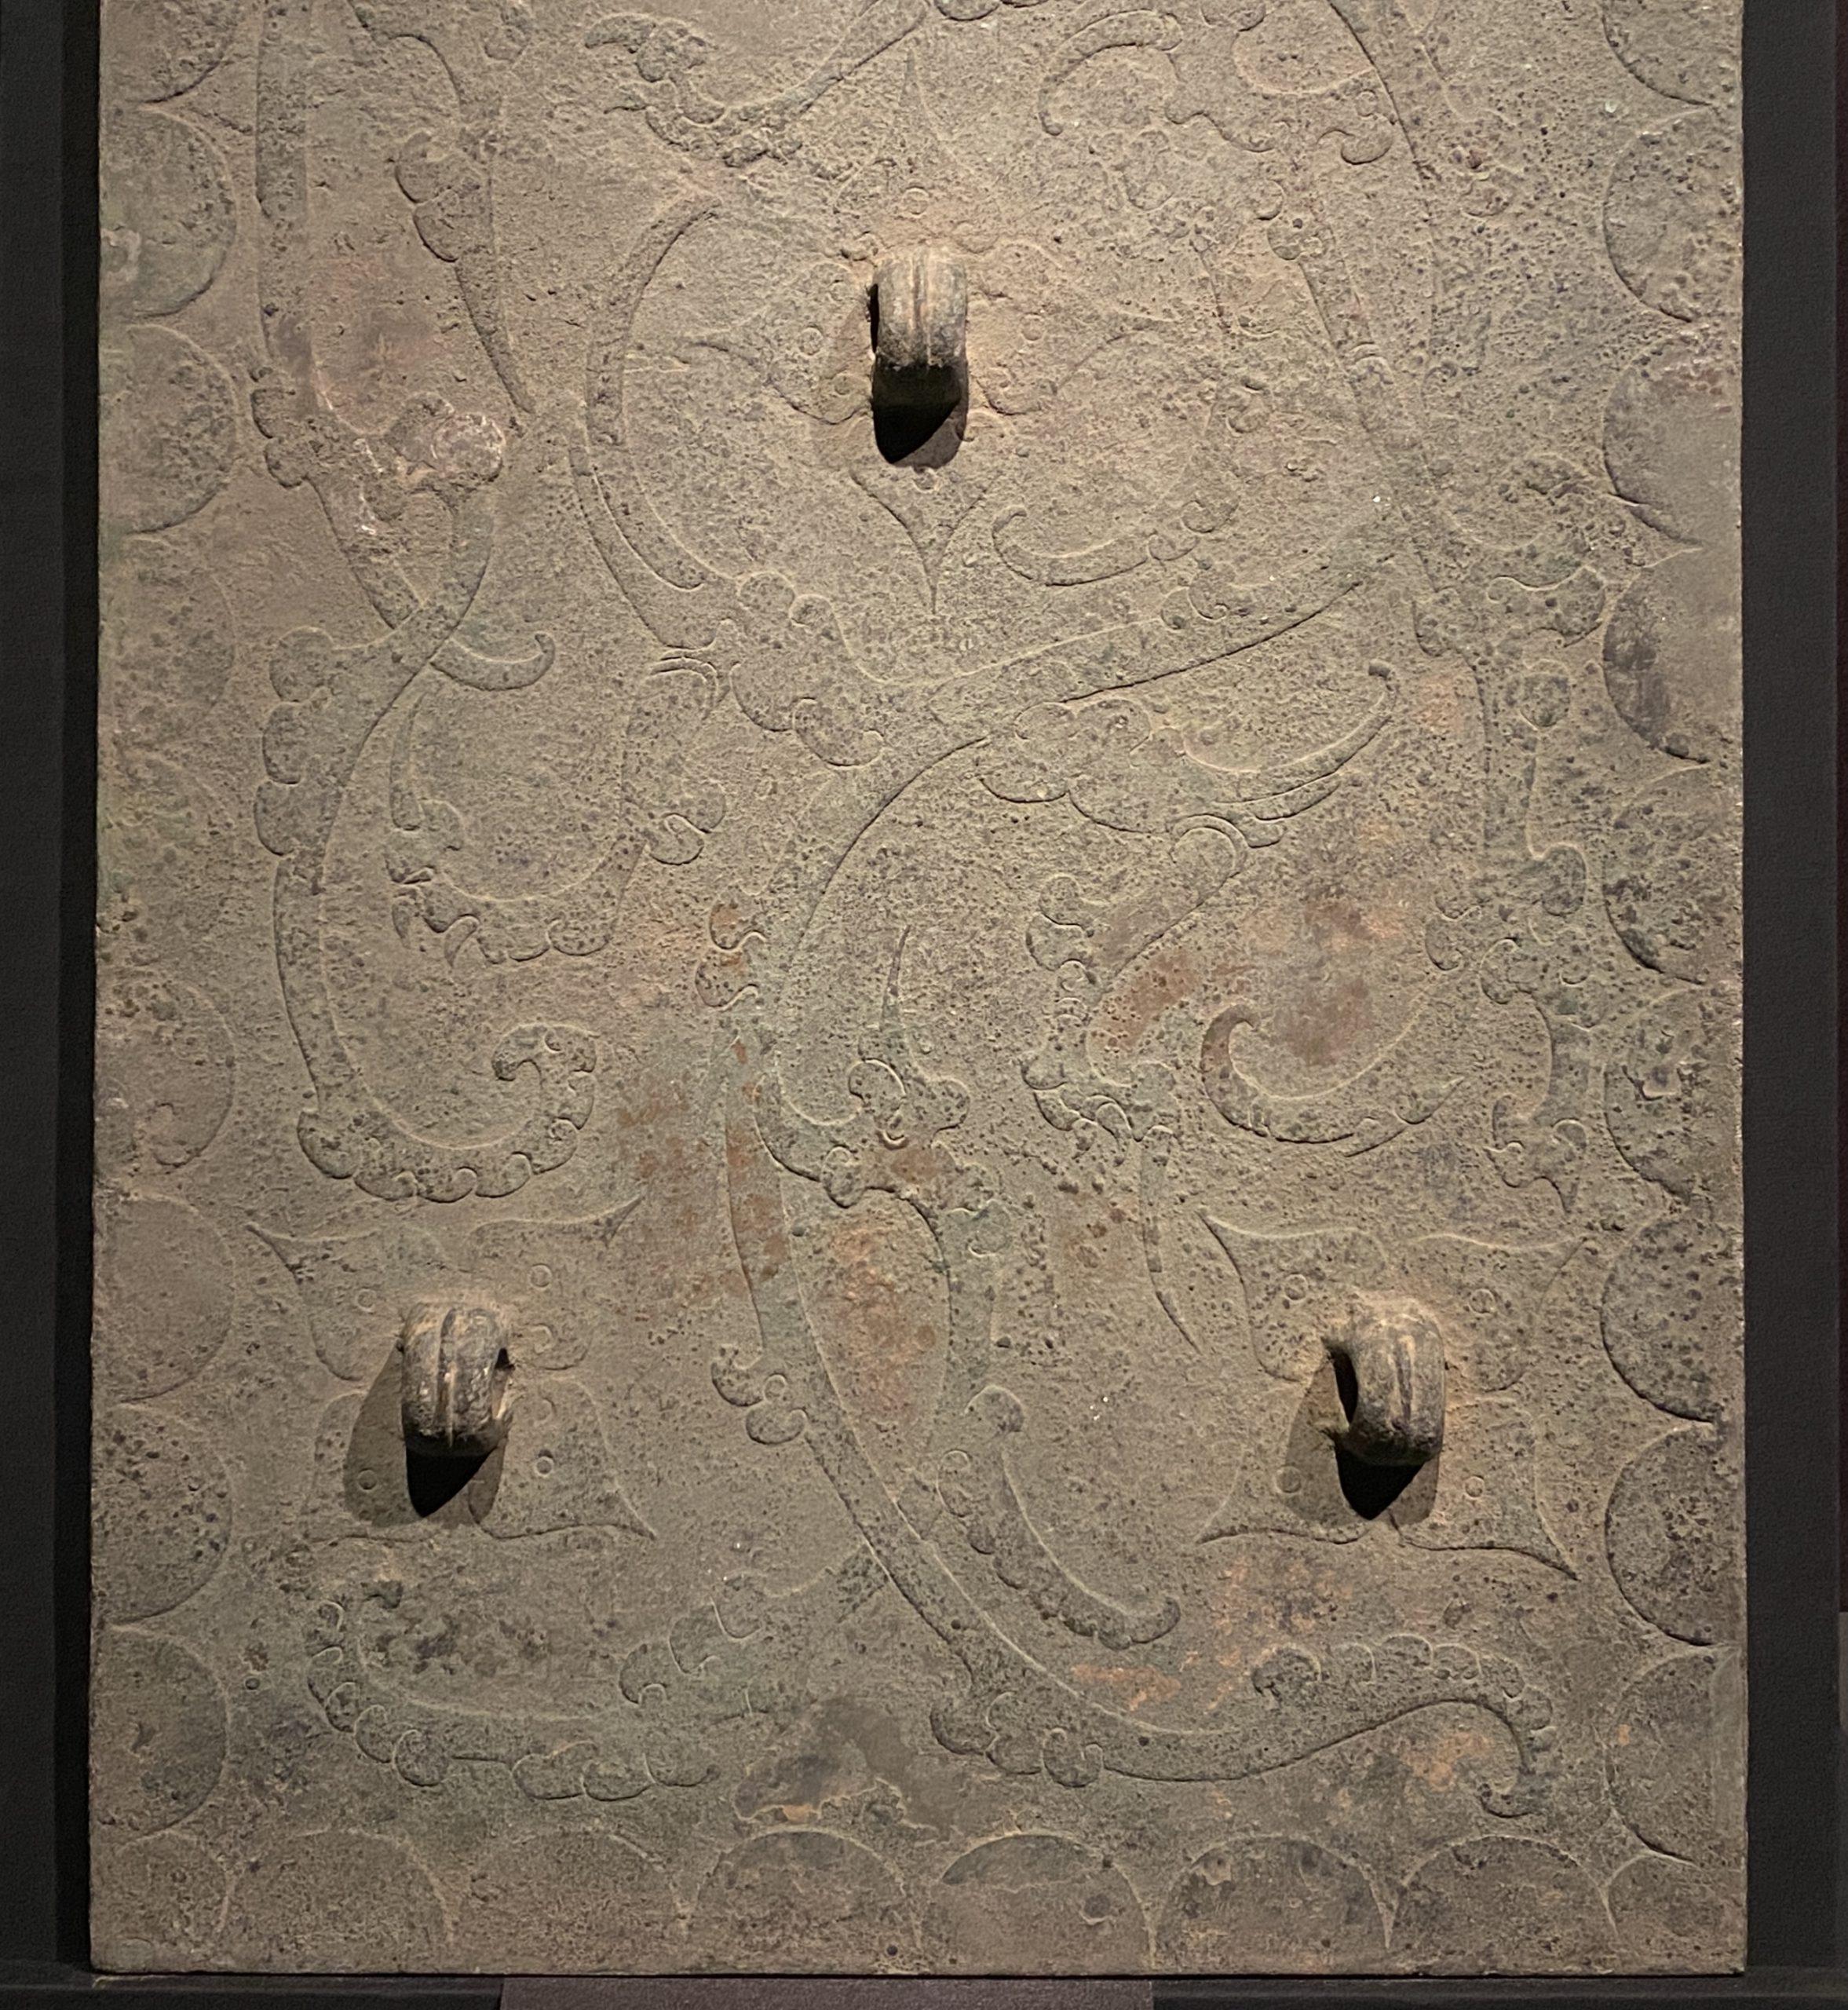 矩形銅鏡-【列備五都-秦漢時代の中国都市】-成都博物館-四川成都